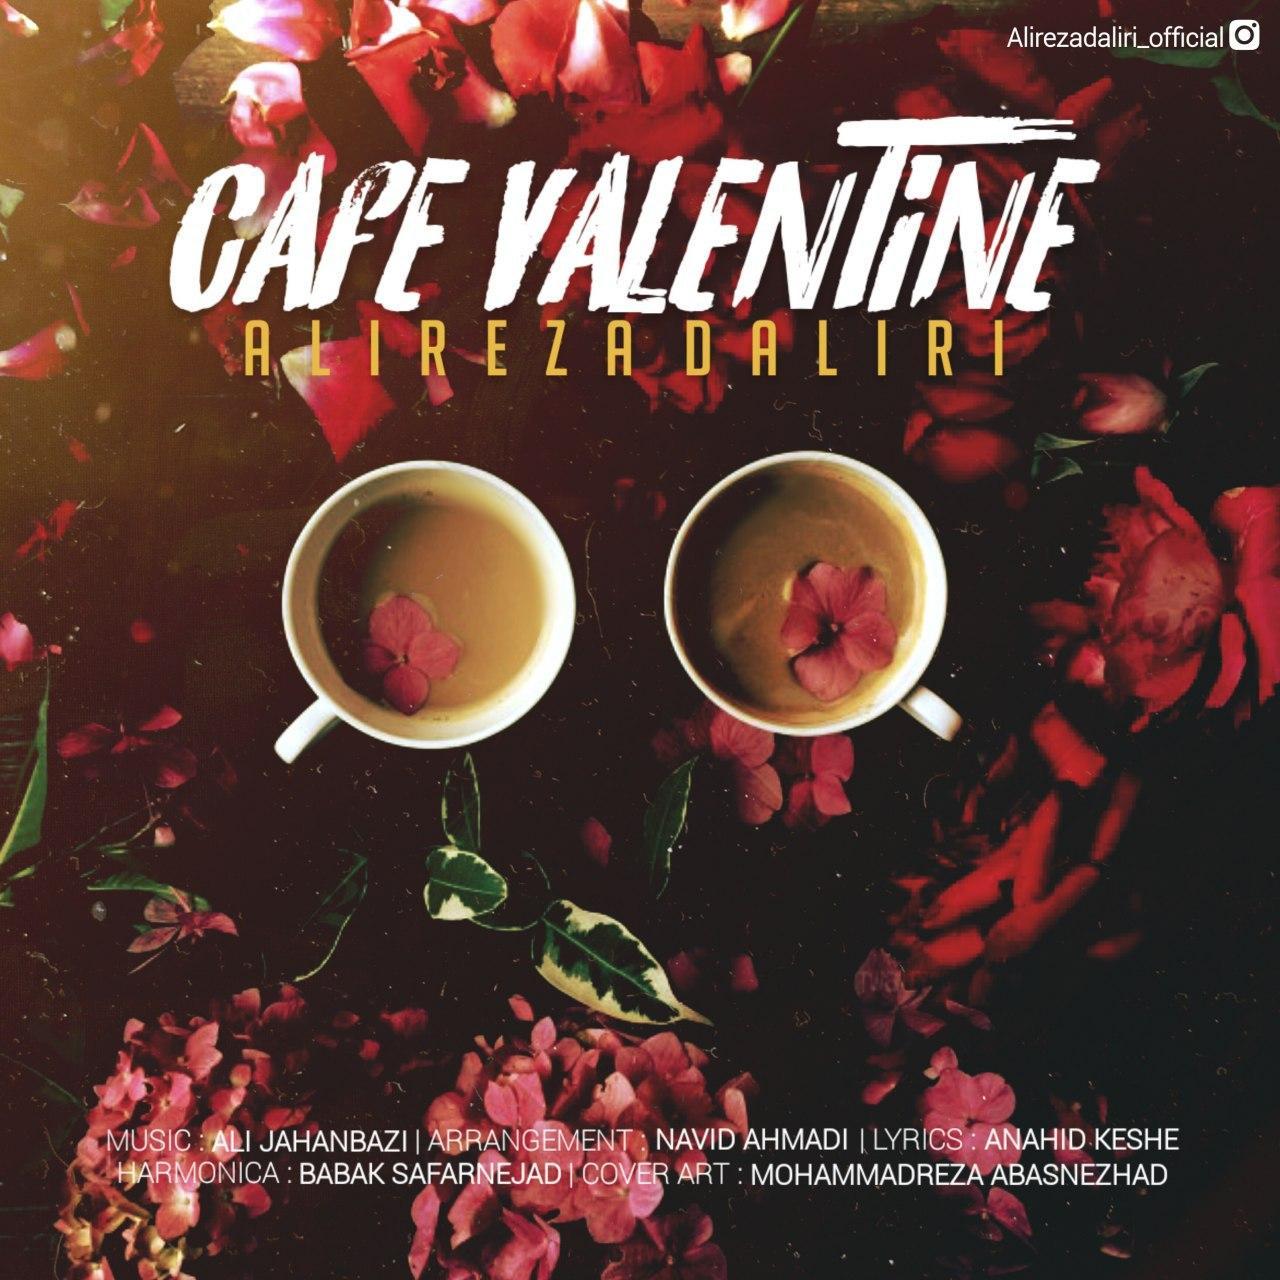 Alireza Daliri – Cafe Valentine